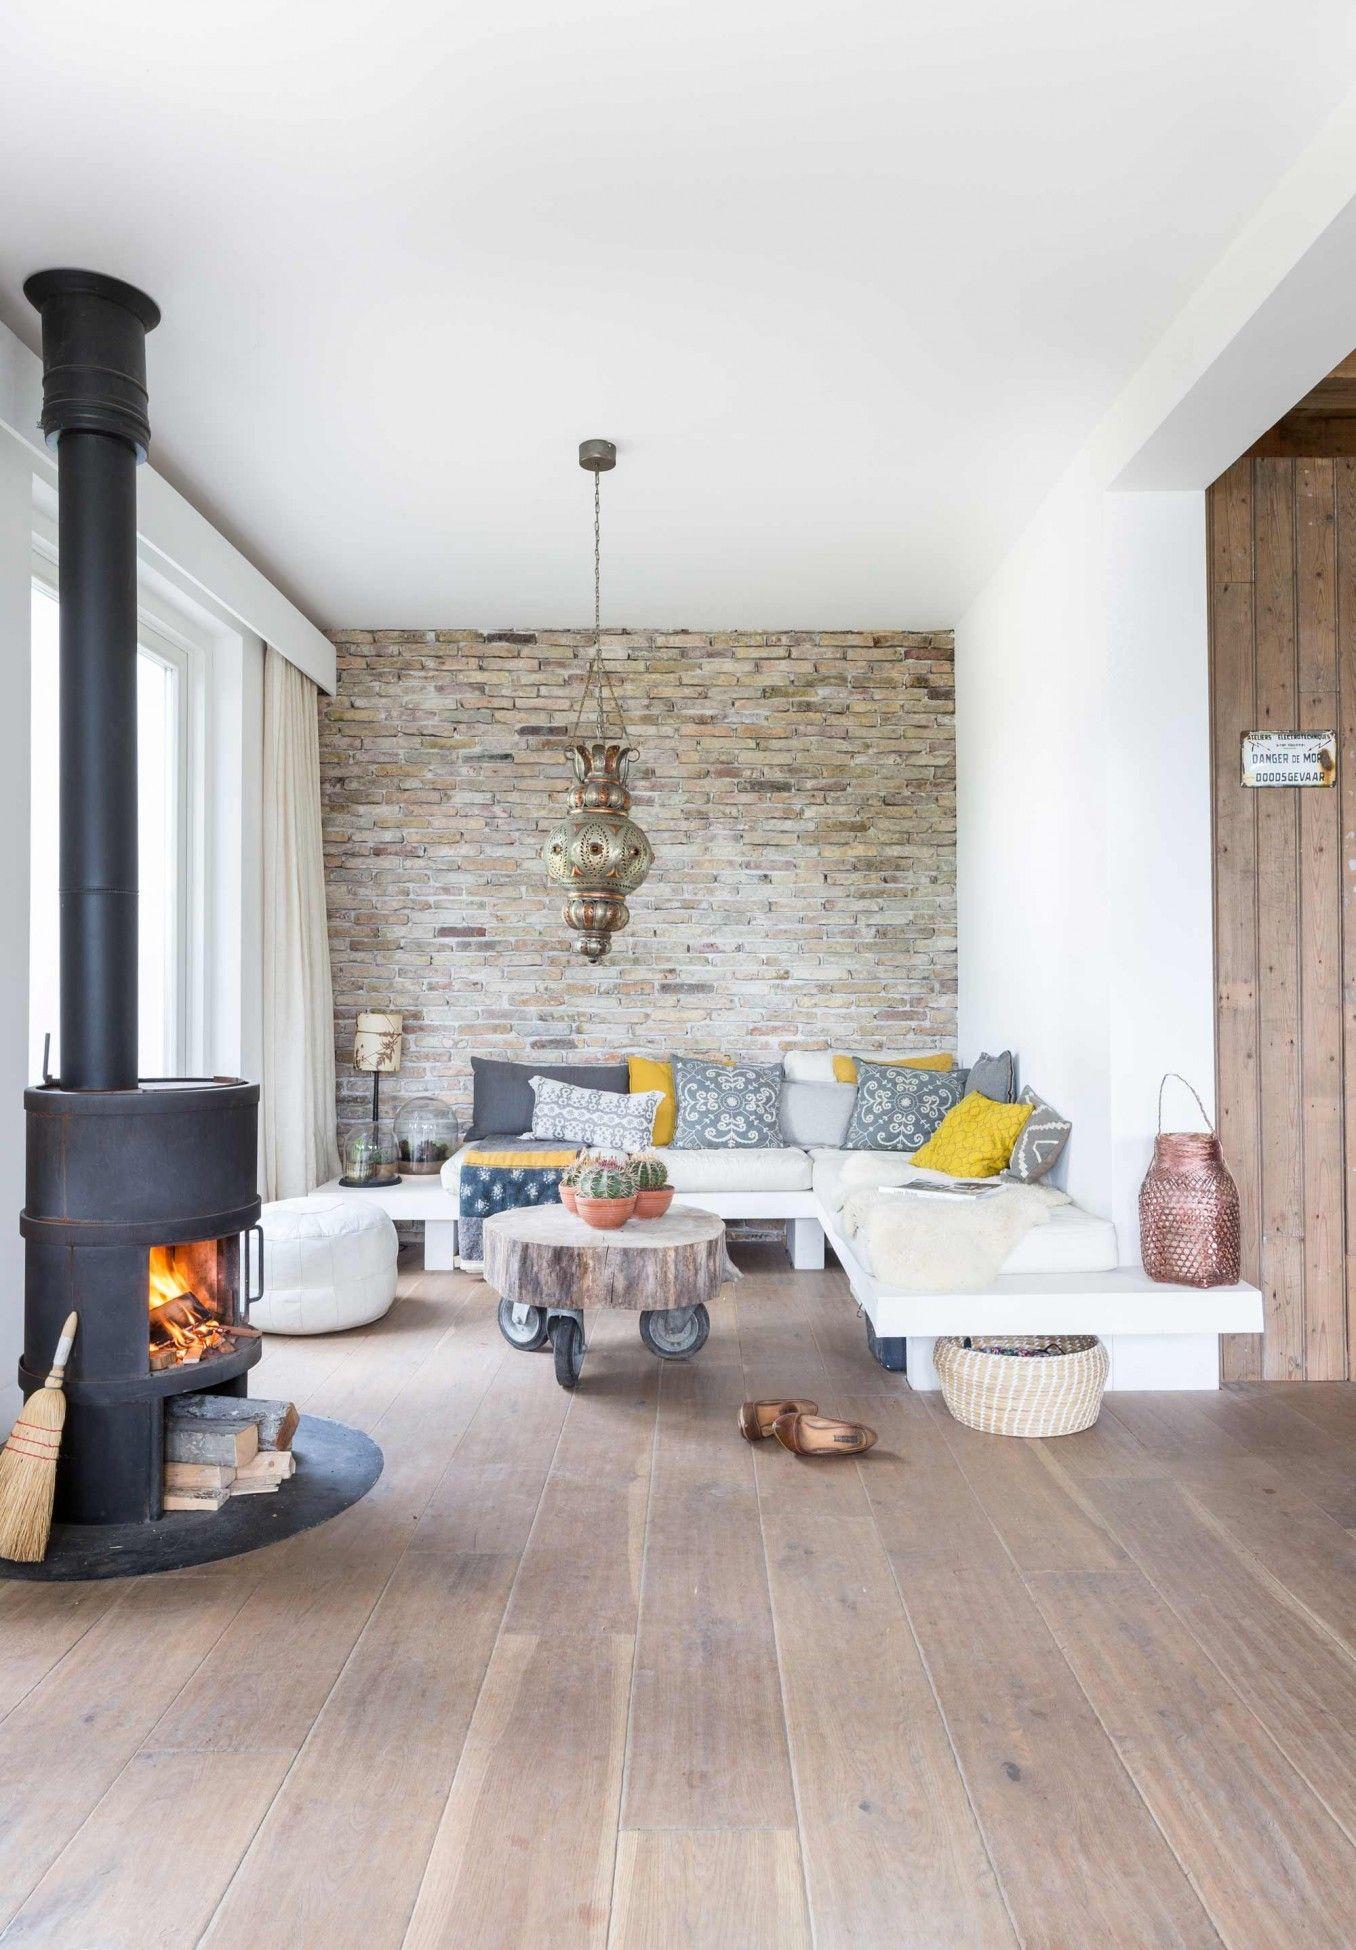 salon ecolo chic mur en pierre parquet clair ecolo. Black Bedroom Furniture Sets. Home Design Ideas